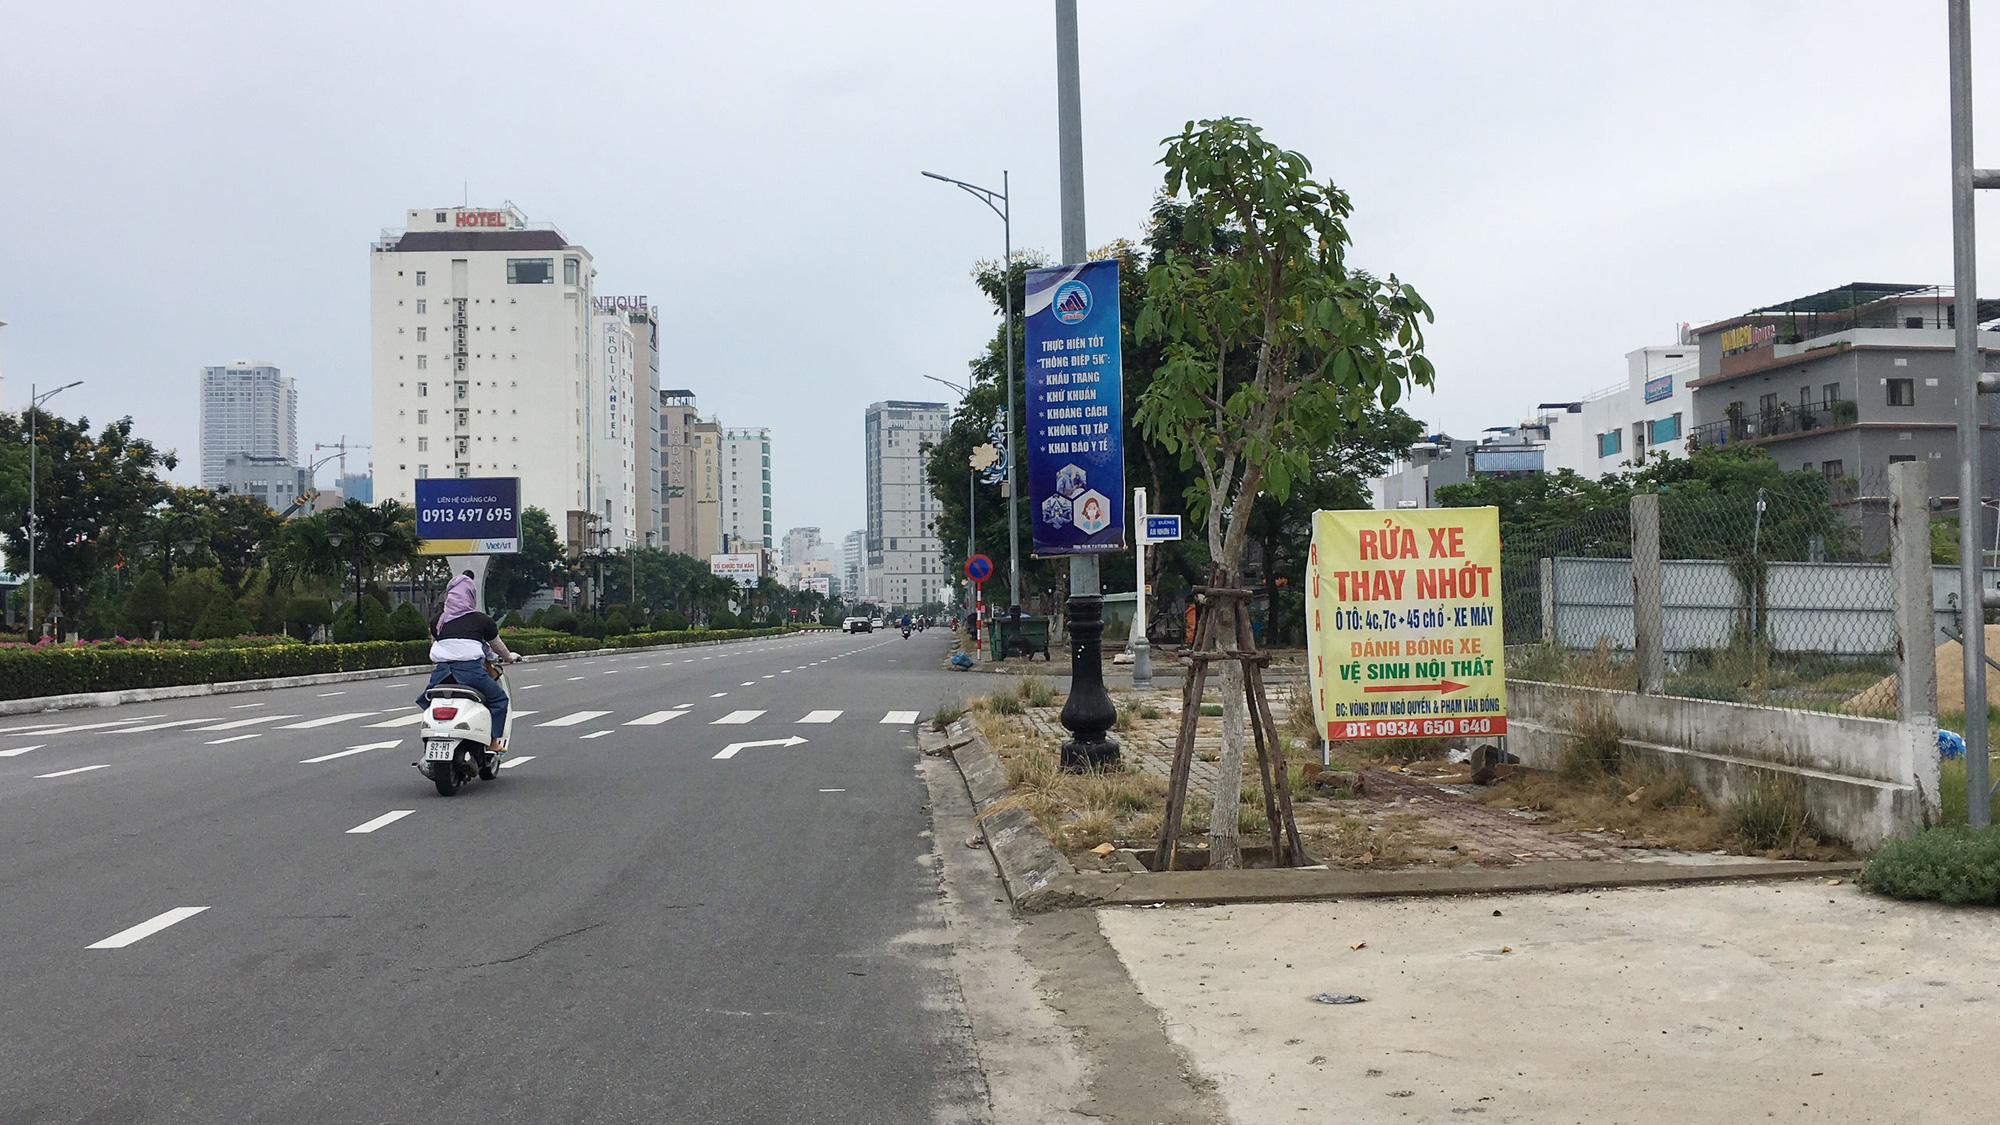 Cận cảnh hai khu đất sát Vincom Đà Nẵng sẽ đấu giá làm bãi đỗ xe - Ảnh 5.